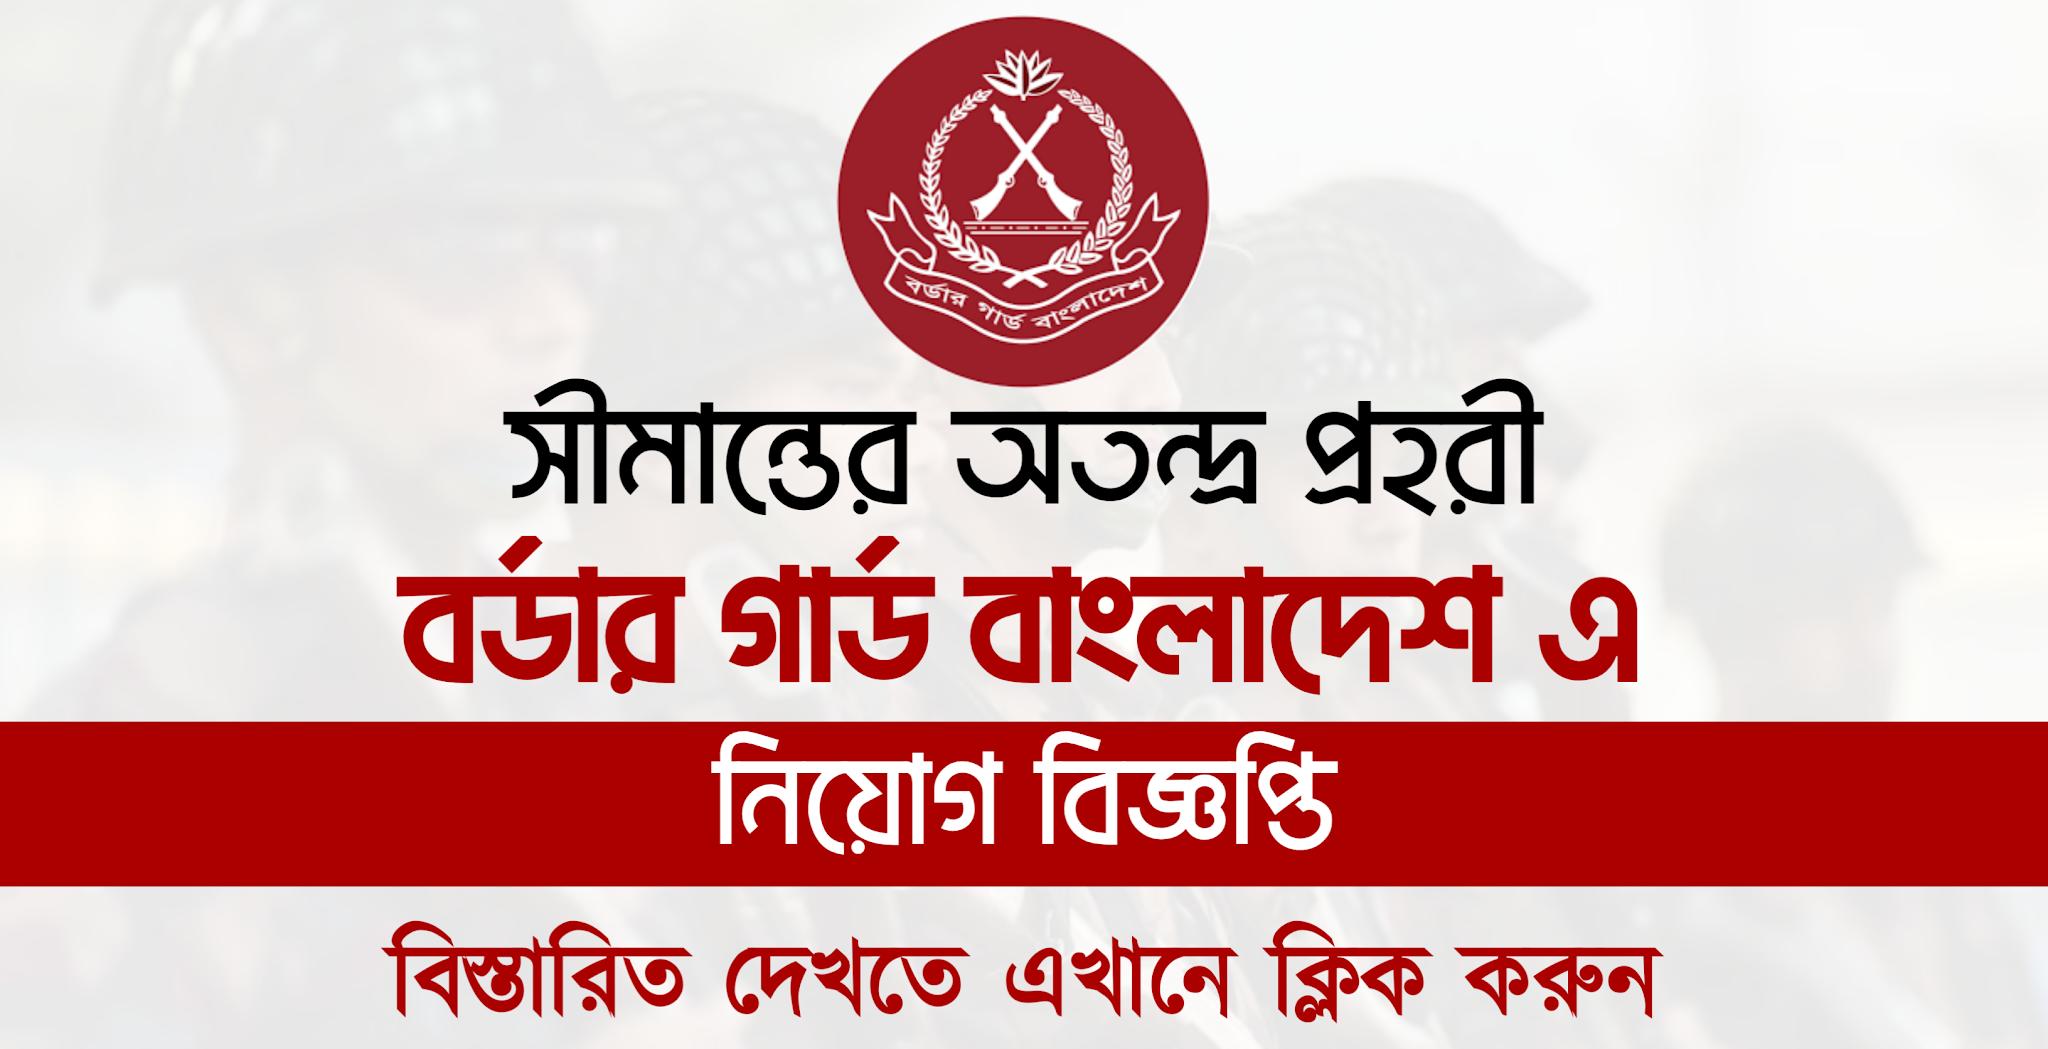 defence job, Defence Job Circular, defense job circular, bd govt jobs circular, BGB Job Circular 2021, bd government job circular